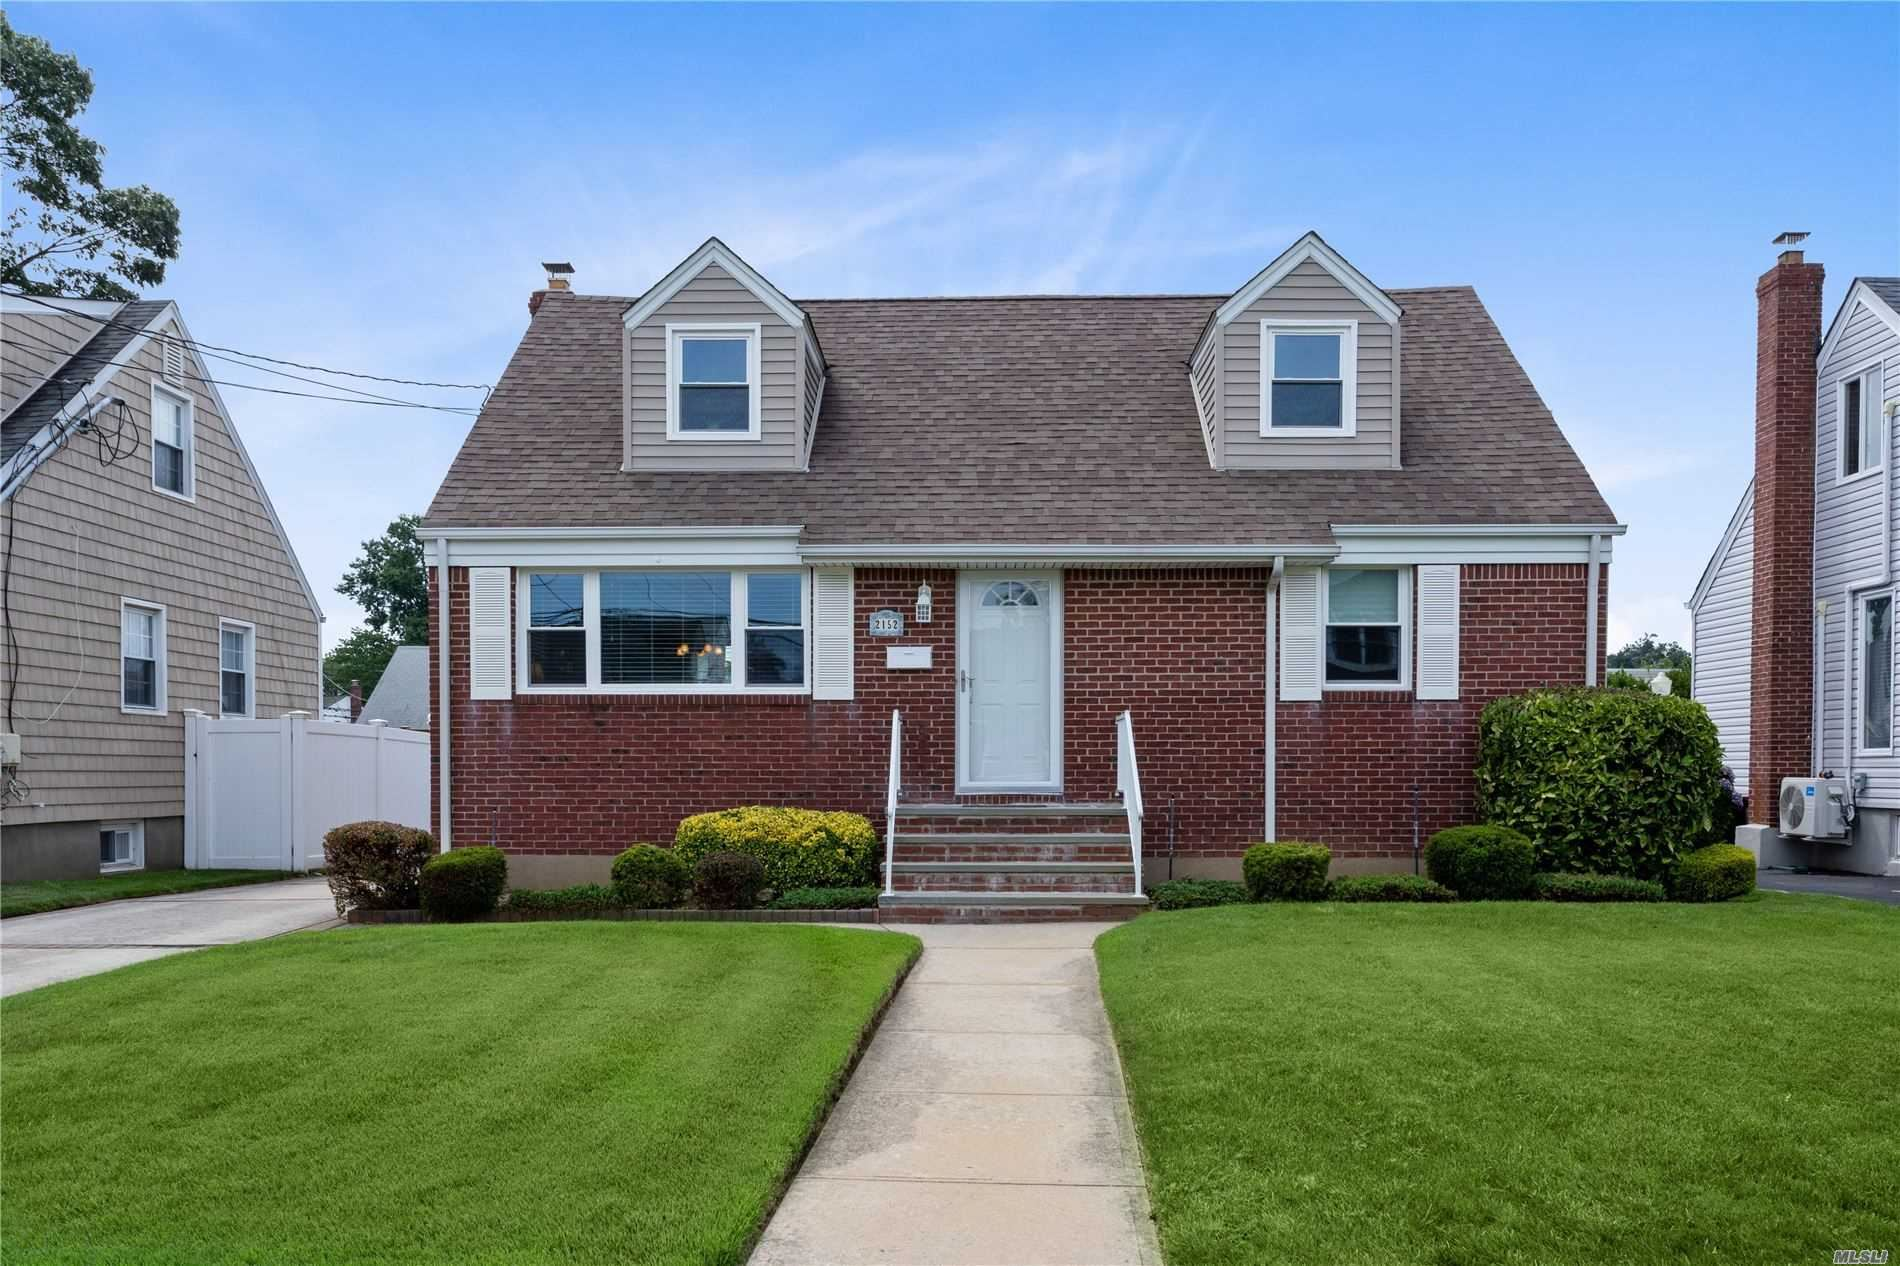 2152 Pine St, Wantagh, NY 11793 - MLS#: 3238366